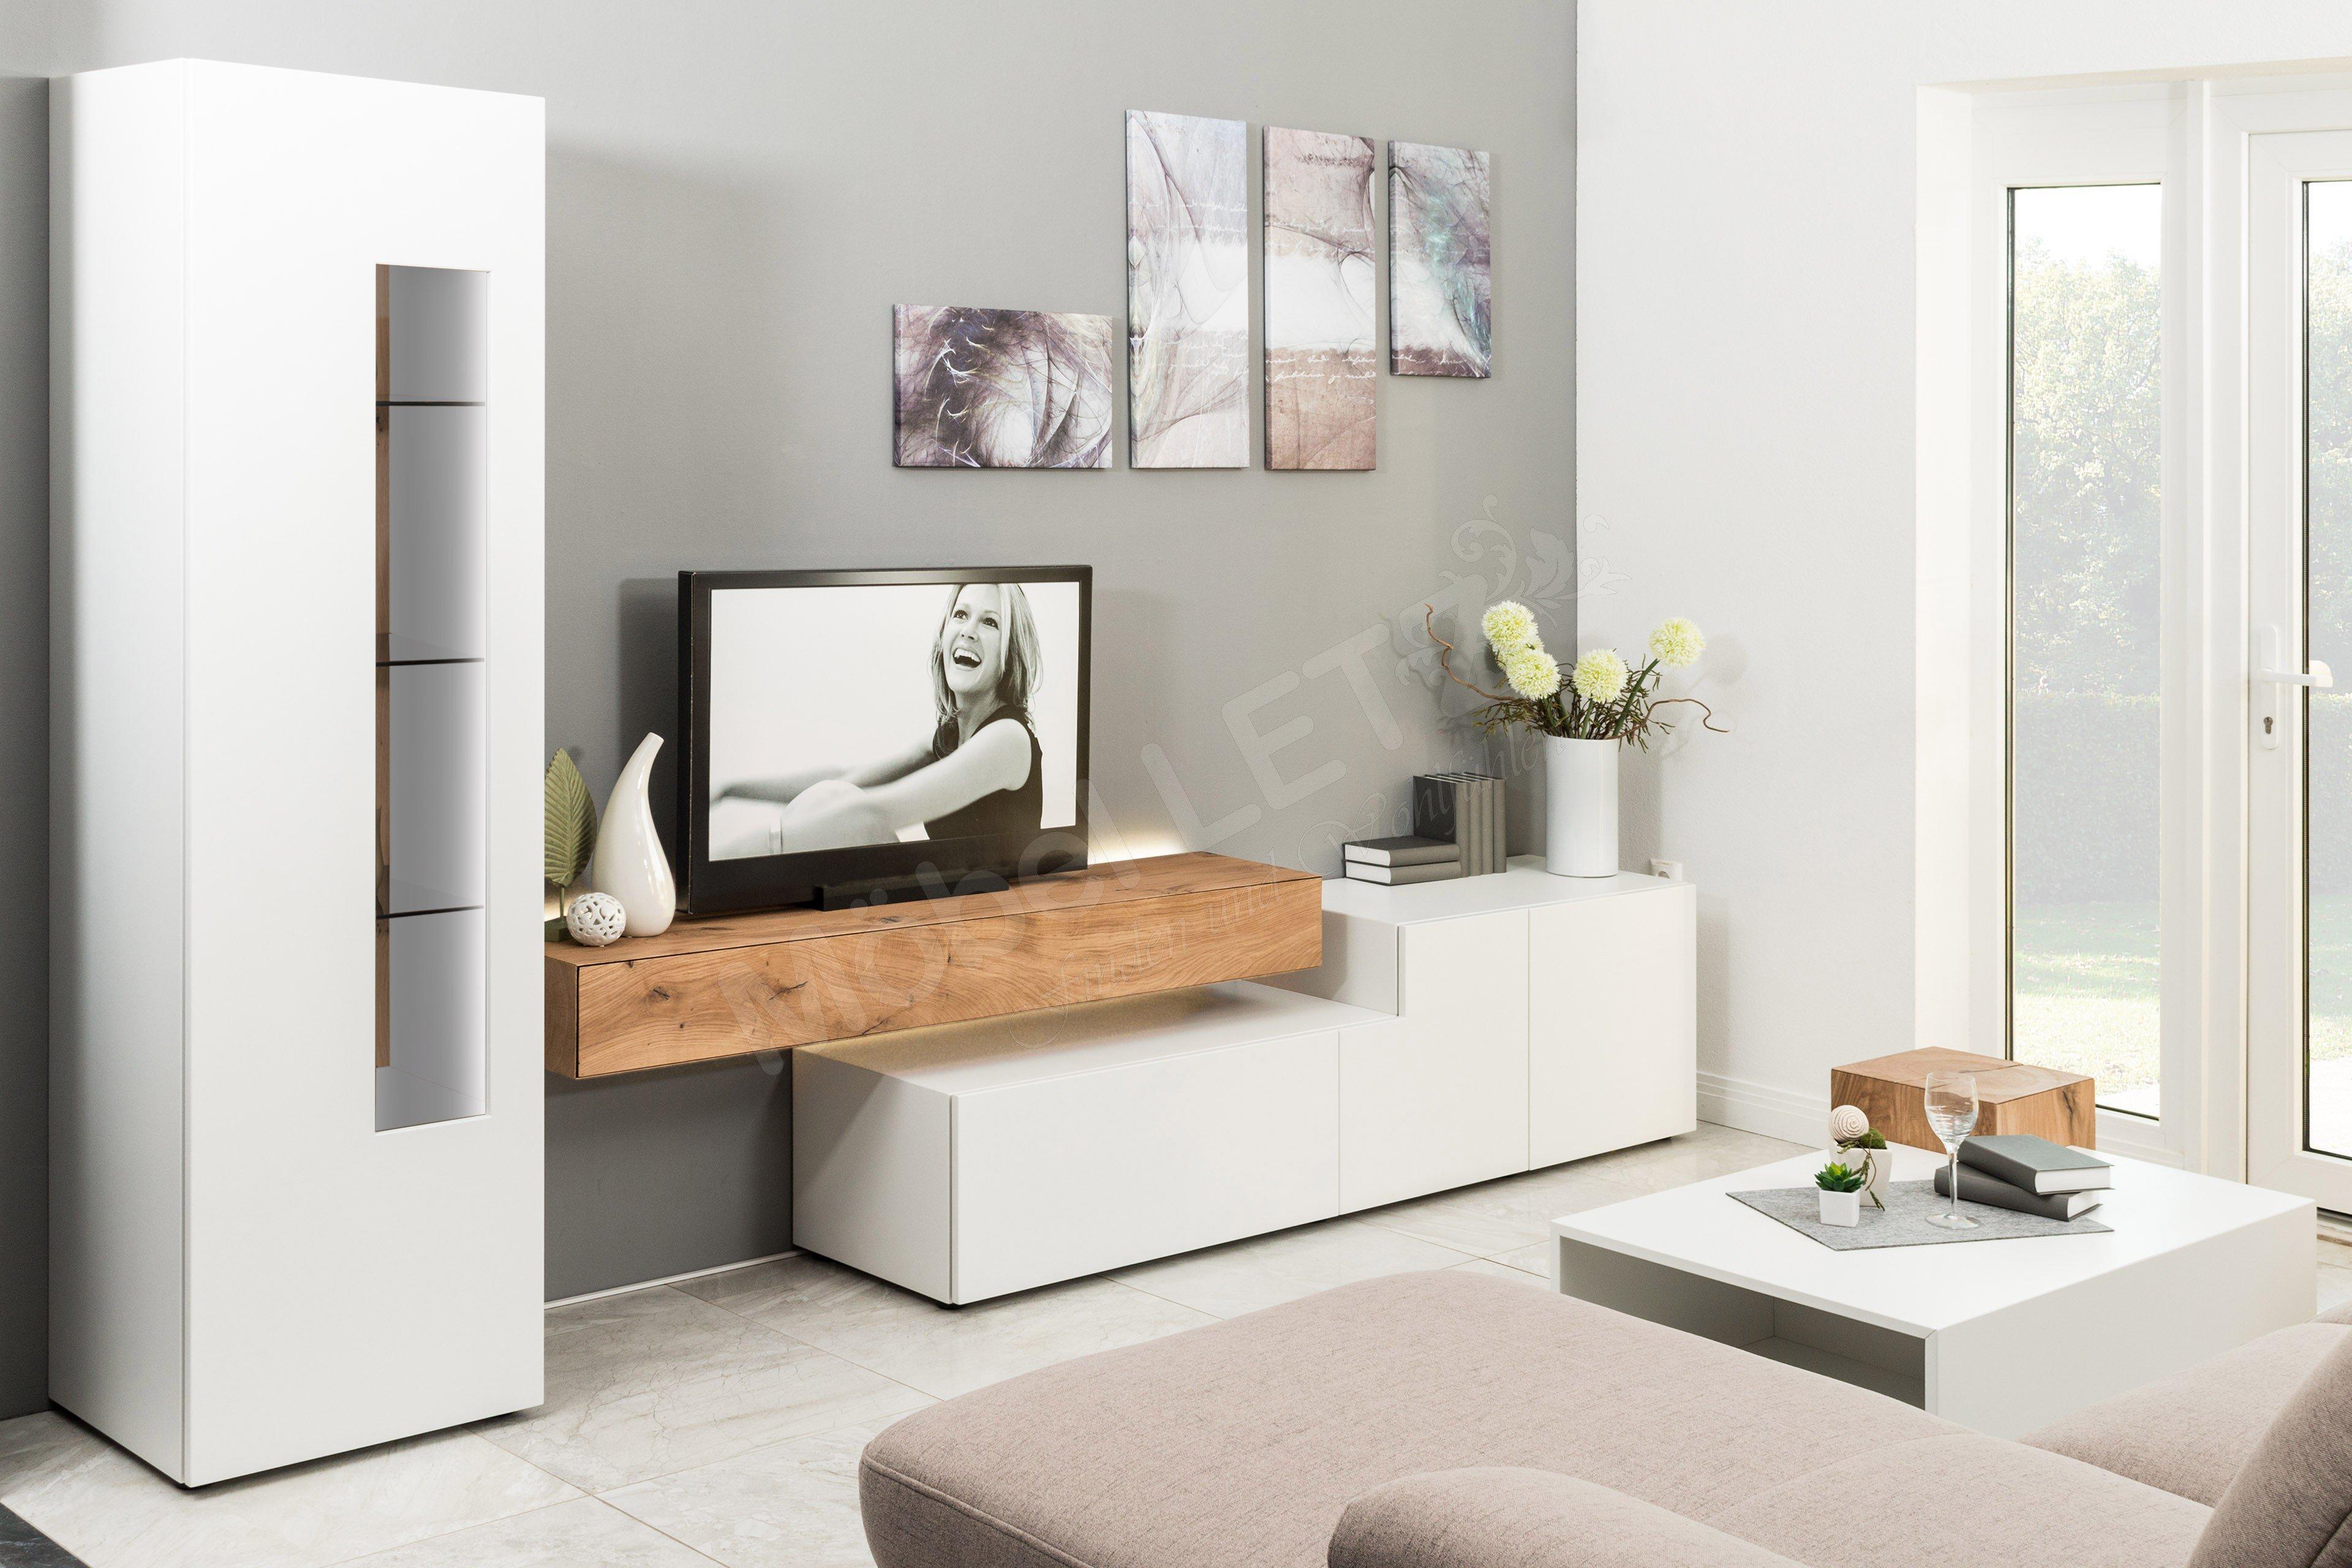 w stmann designm bel wohnwand nw 440 mit beleuchtung. Black Bedroom Furniture Sets. Home Design Ideas